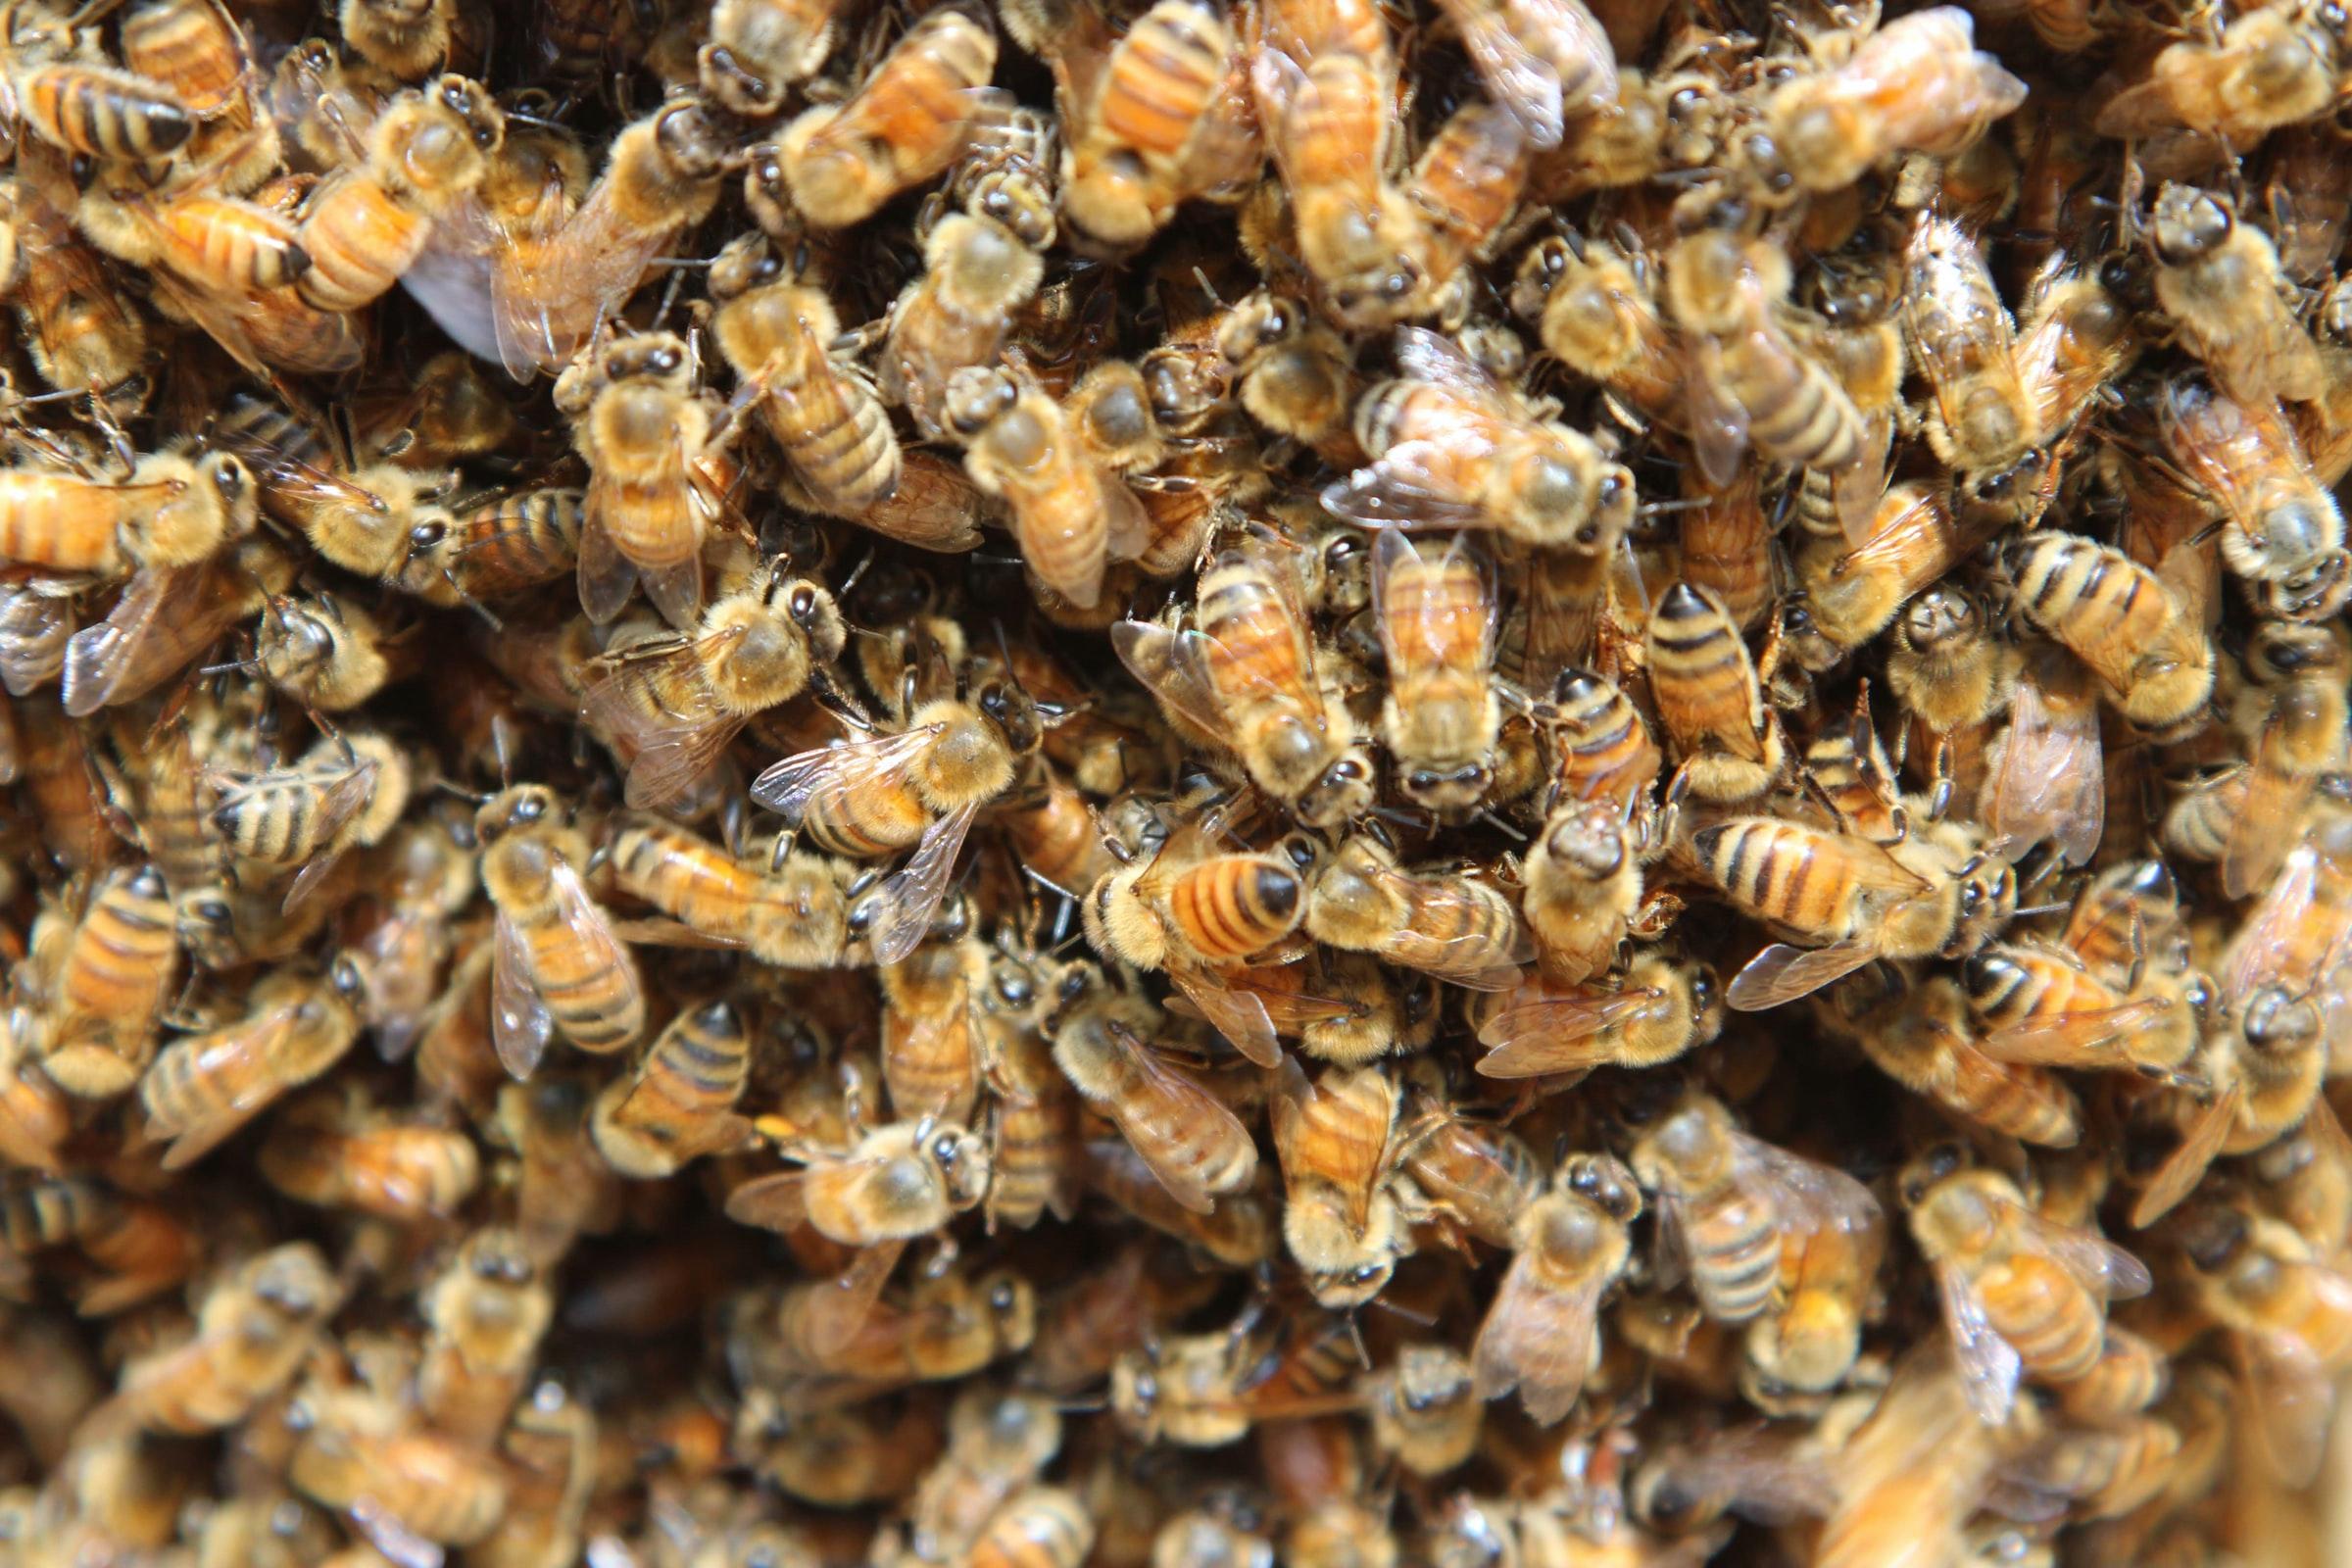 Семейная пара из США нашла в своем доме 450 000 пчел